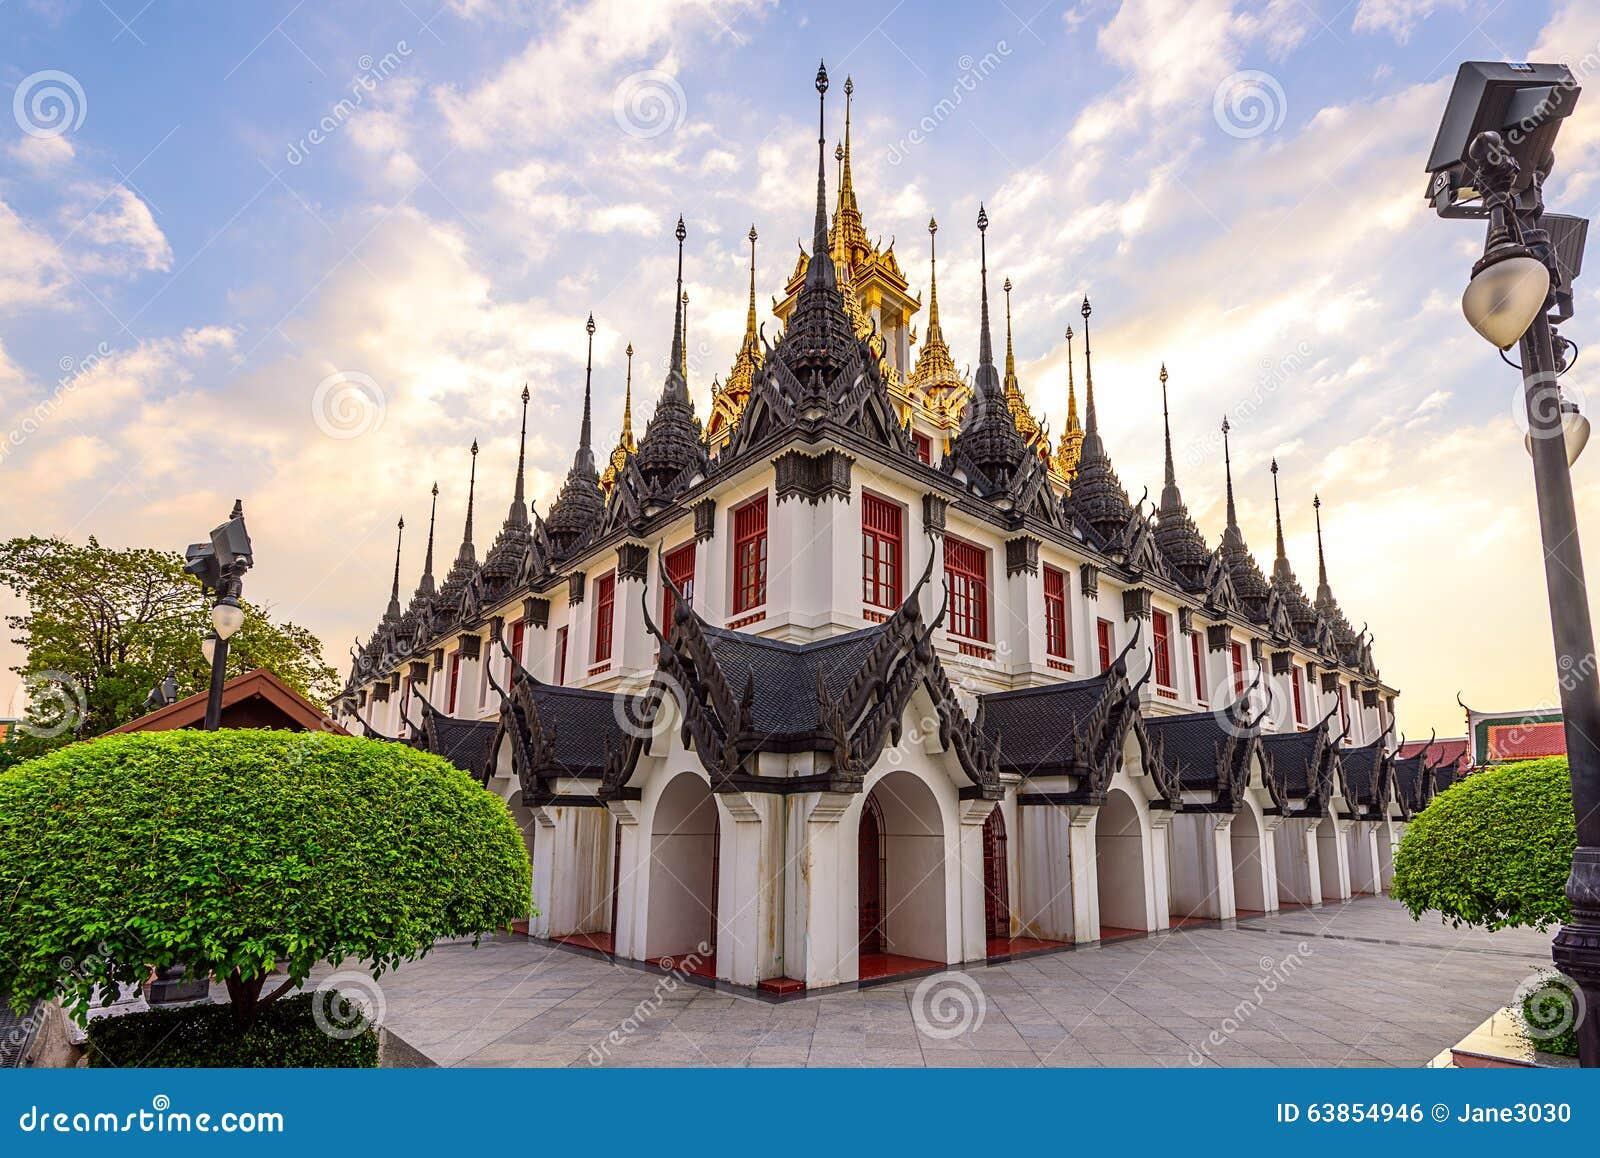 Wat Ratchanatdaram(Loha Prasat) Temple, Bangkok, Thailand ...